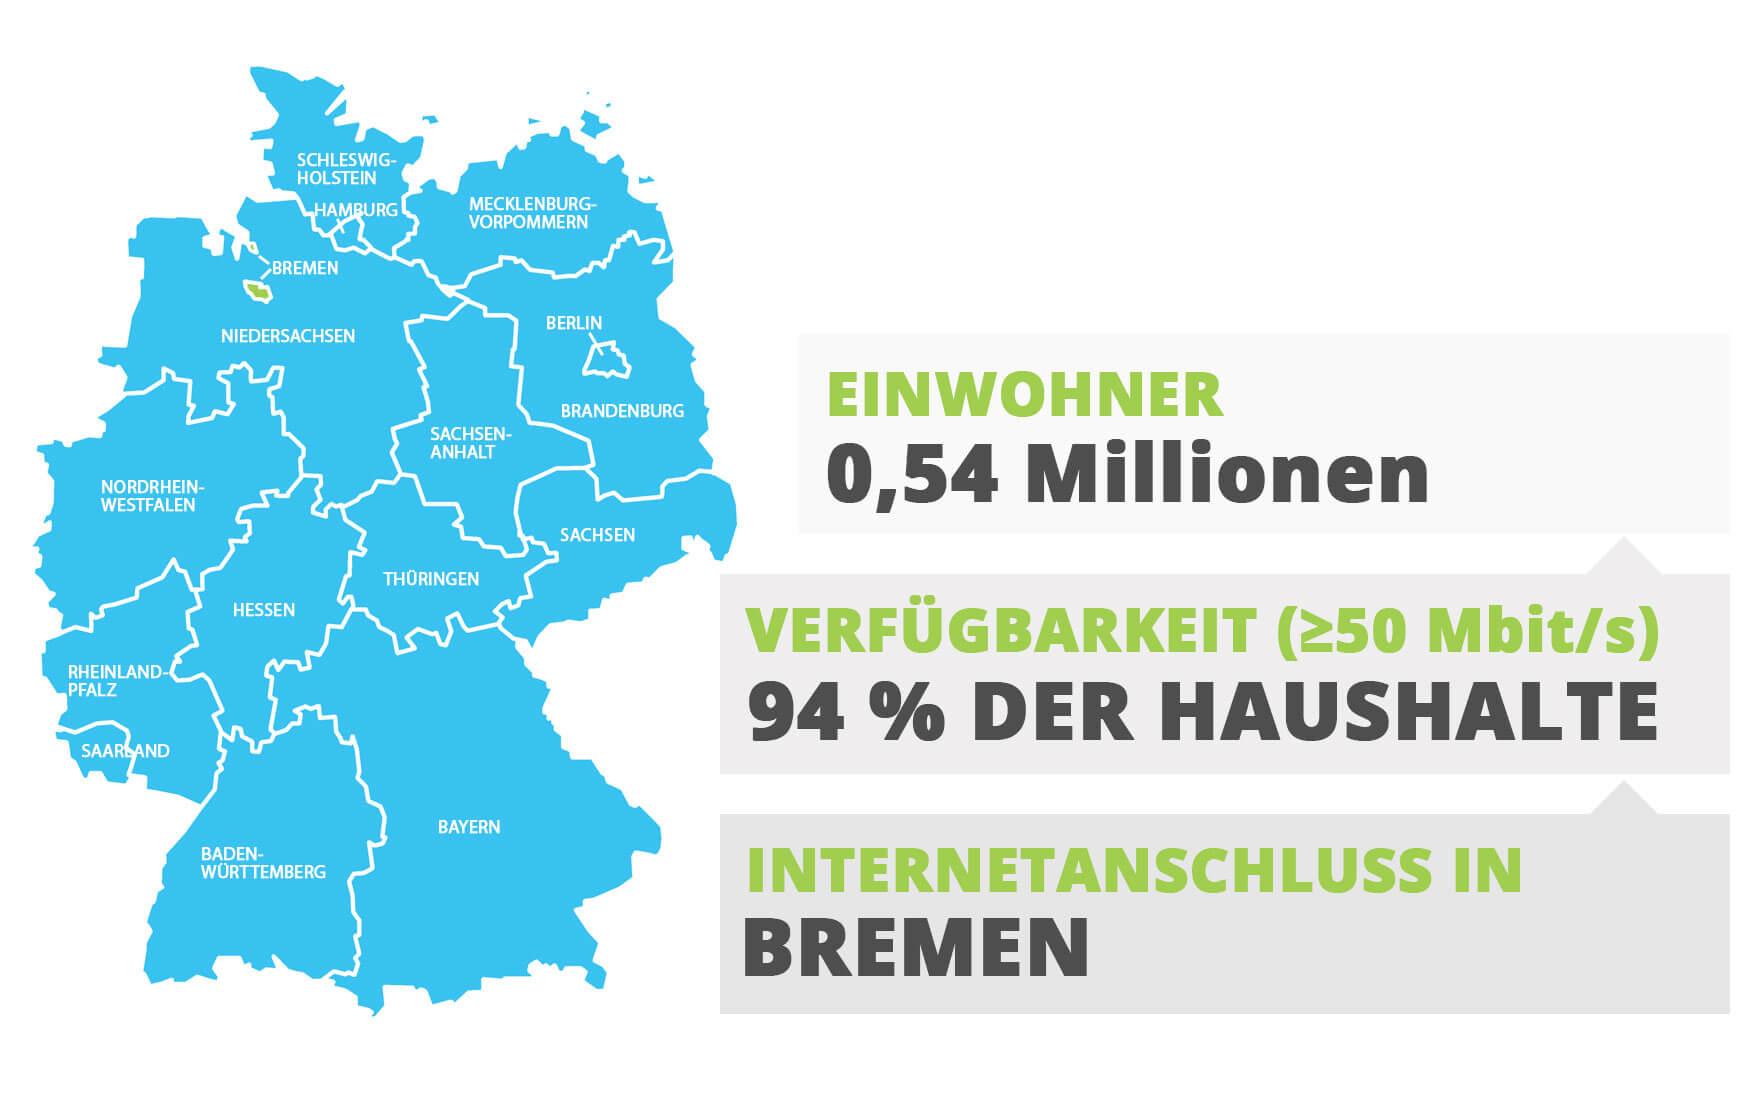 Internetanschluss in Bremen